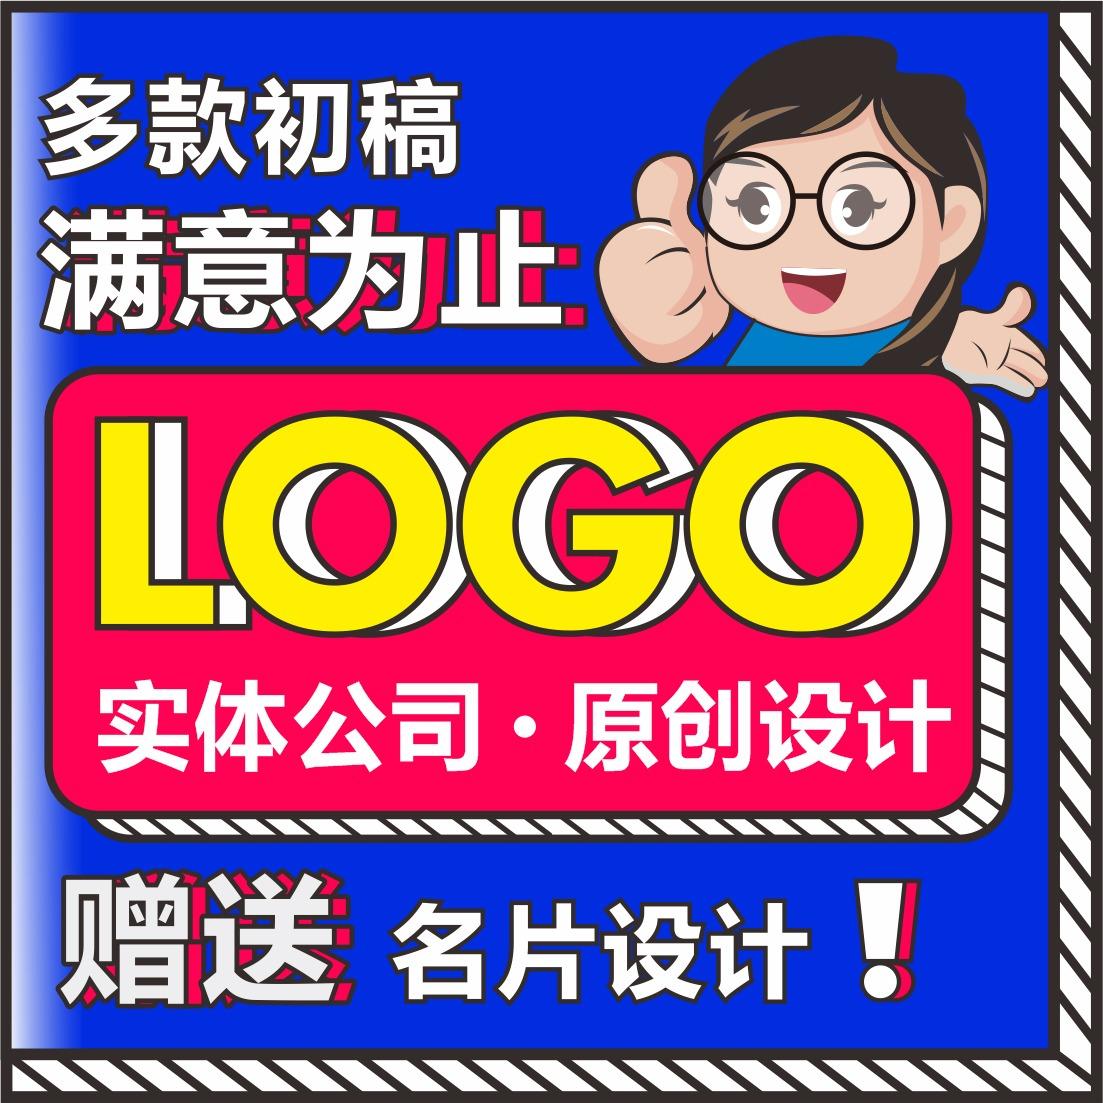 【预祥餐饮LOGO设计】公司高端创意品牌标志LOGO商标设计